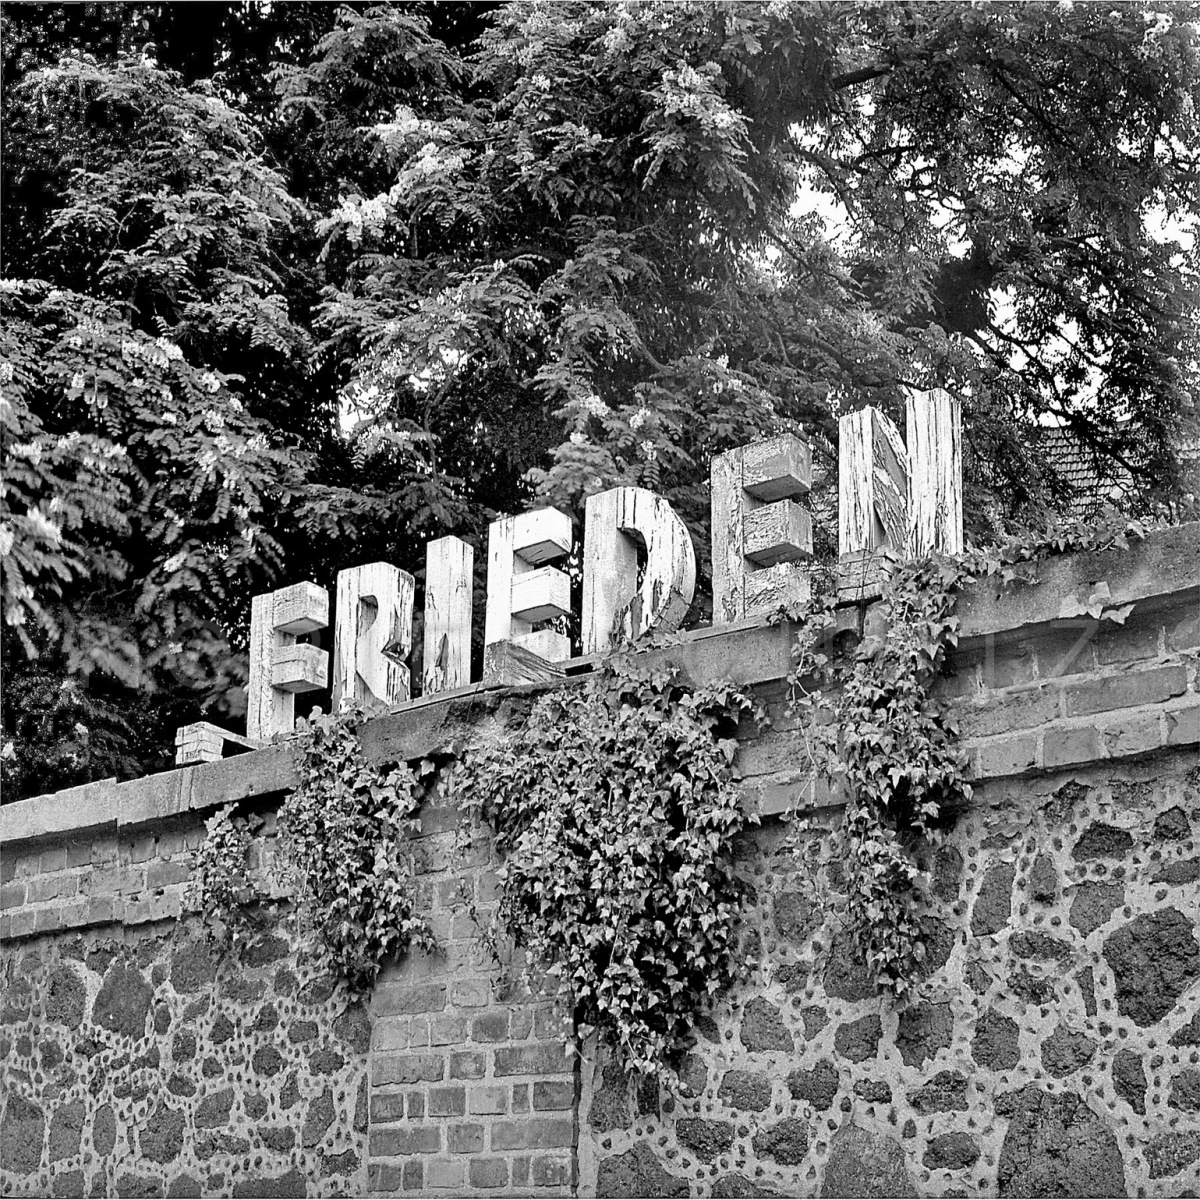 Nr13-057_Ludwigslust-1983